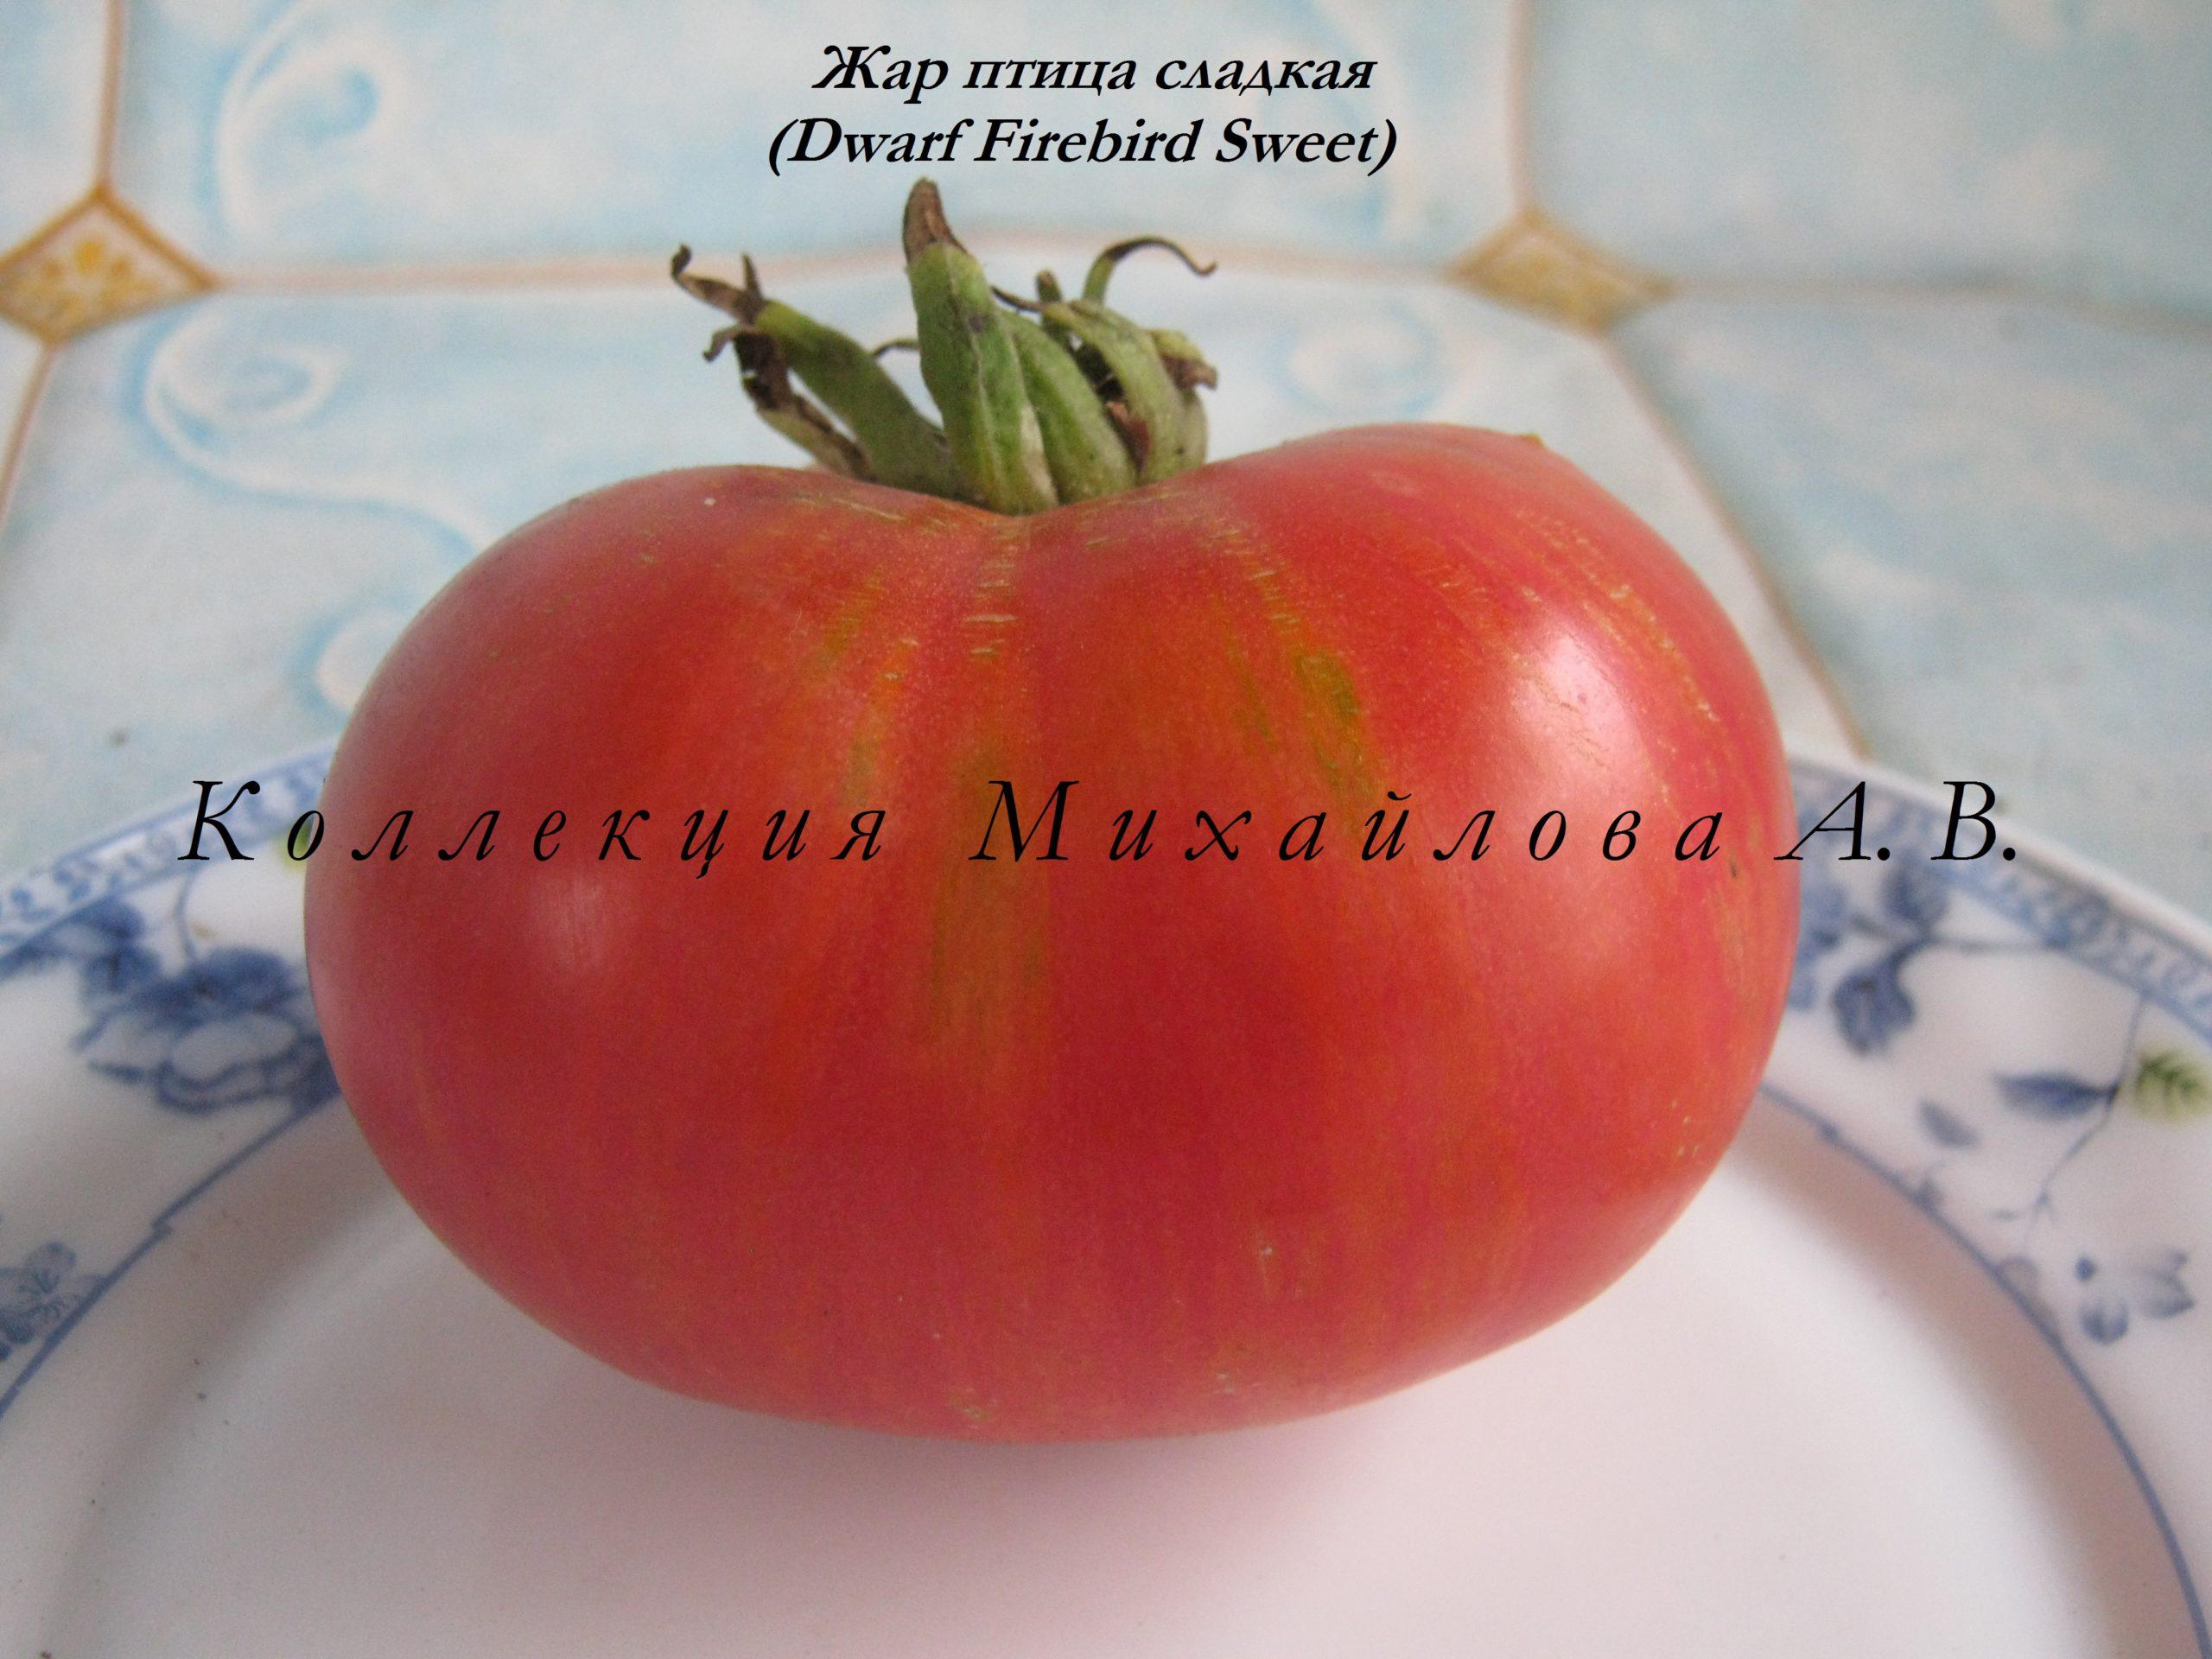 Томат огонь: отзывы, фото, урожайность, описание и характеристика | tomatland.ru